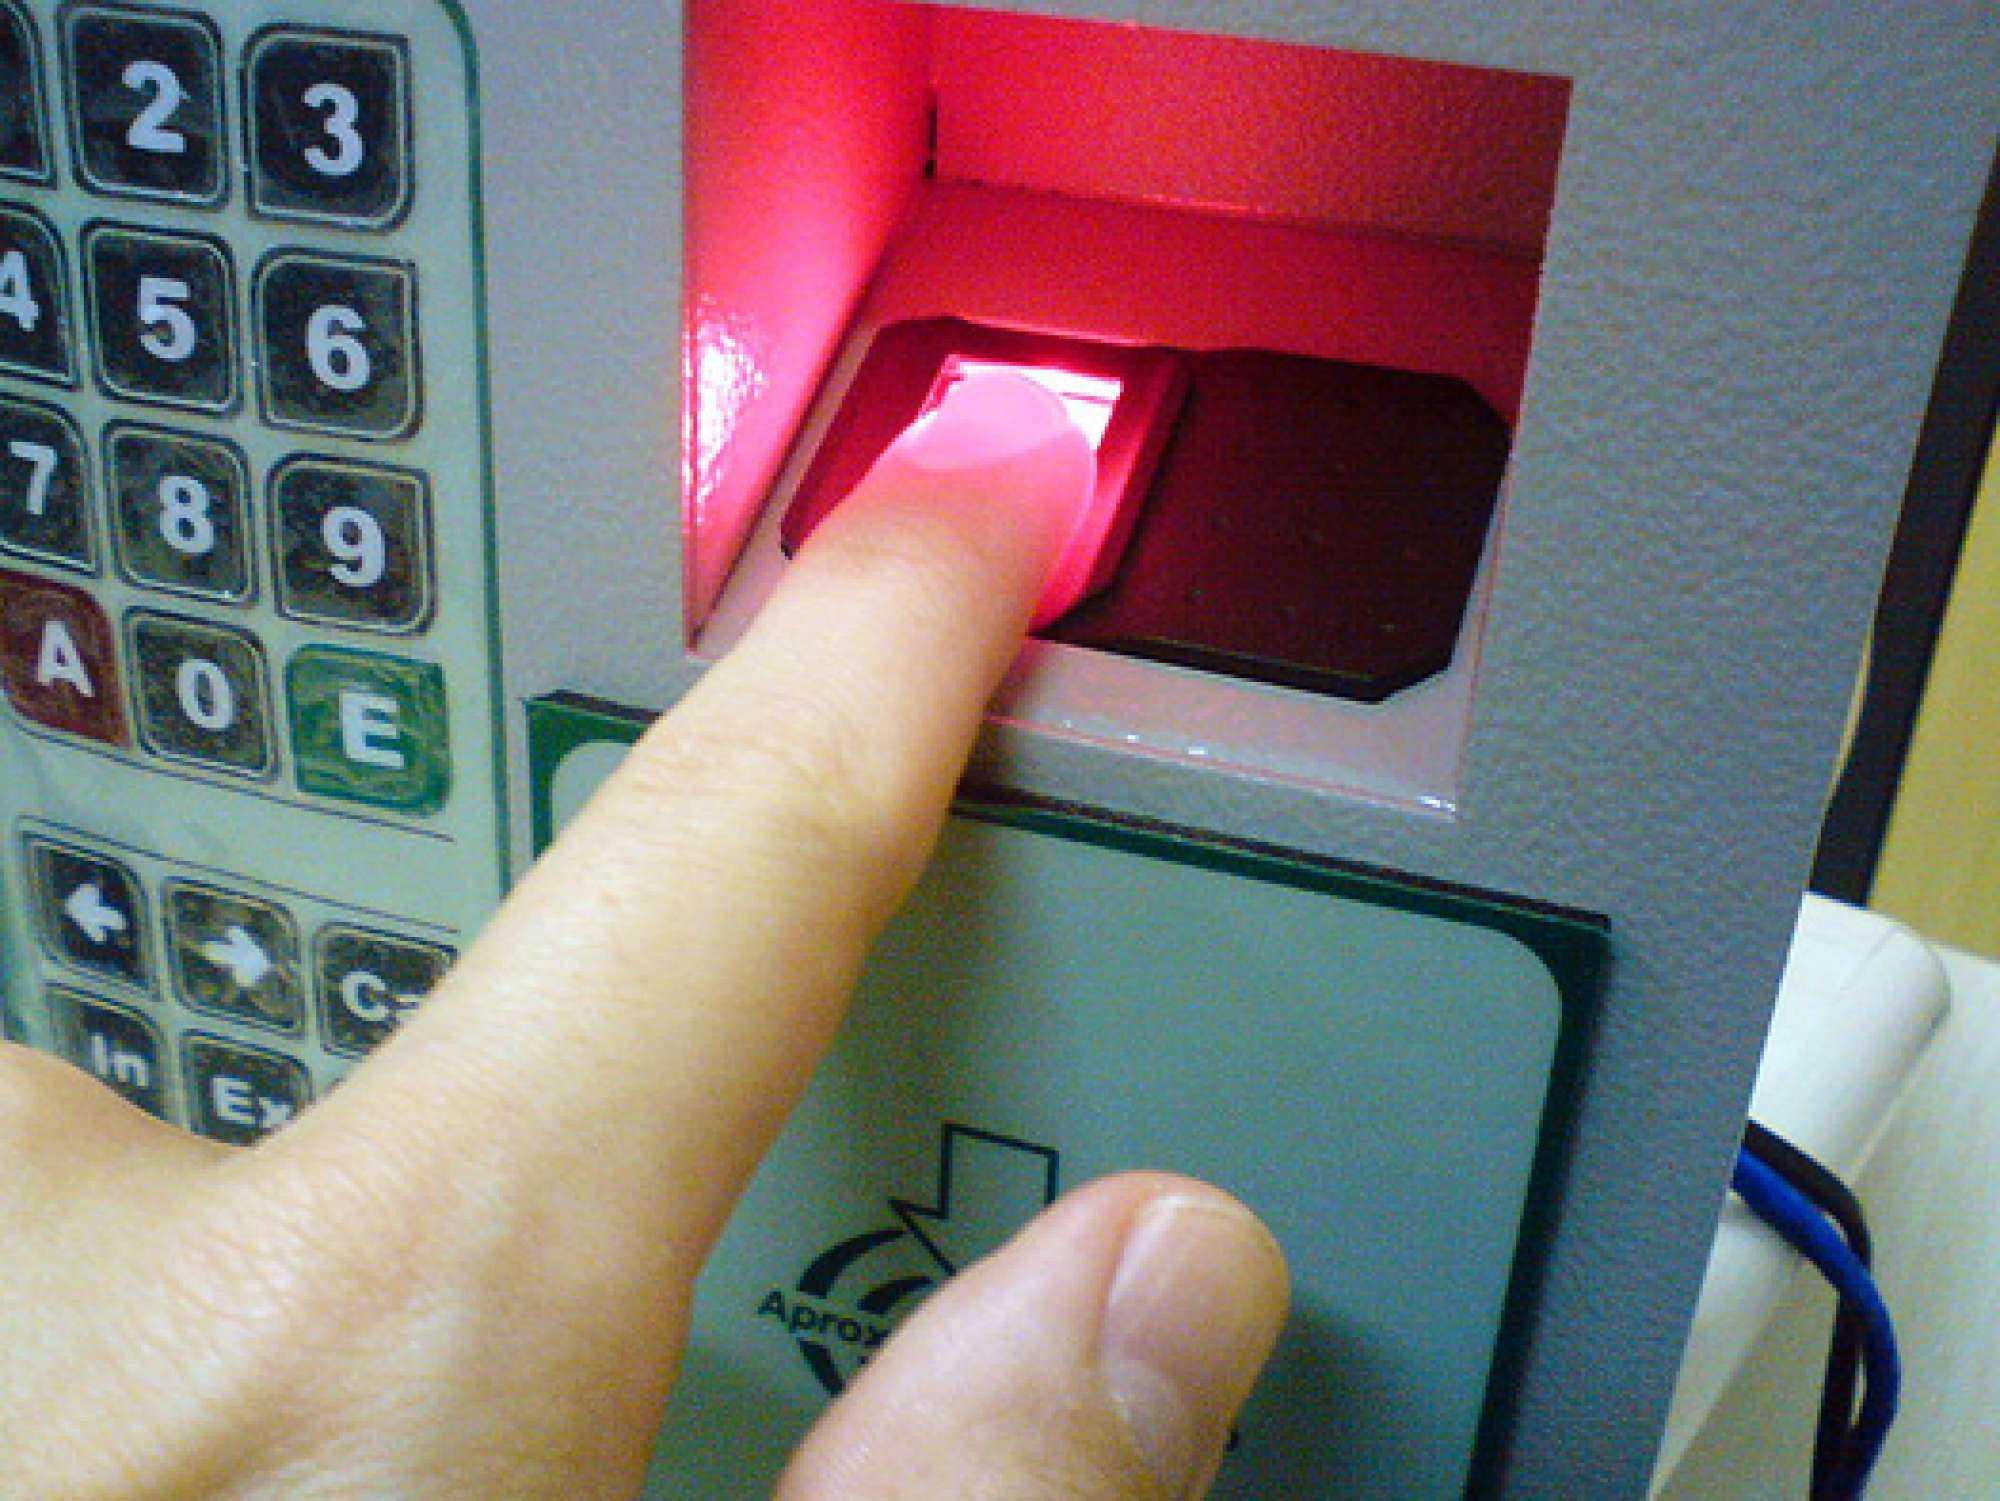 800px-Fingerprint_scanner_identification